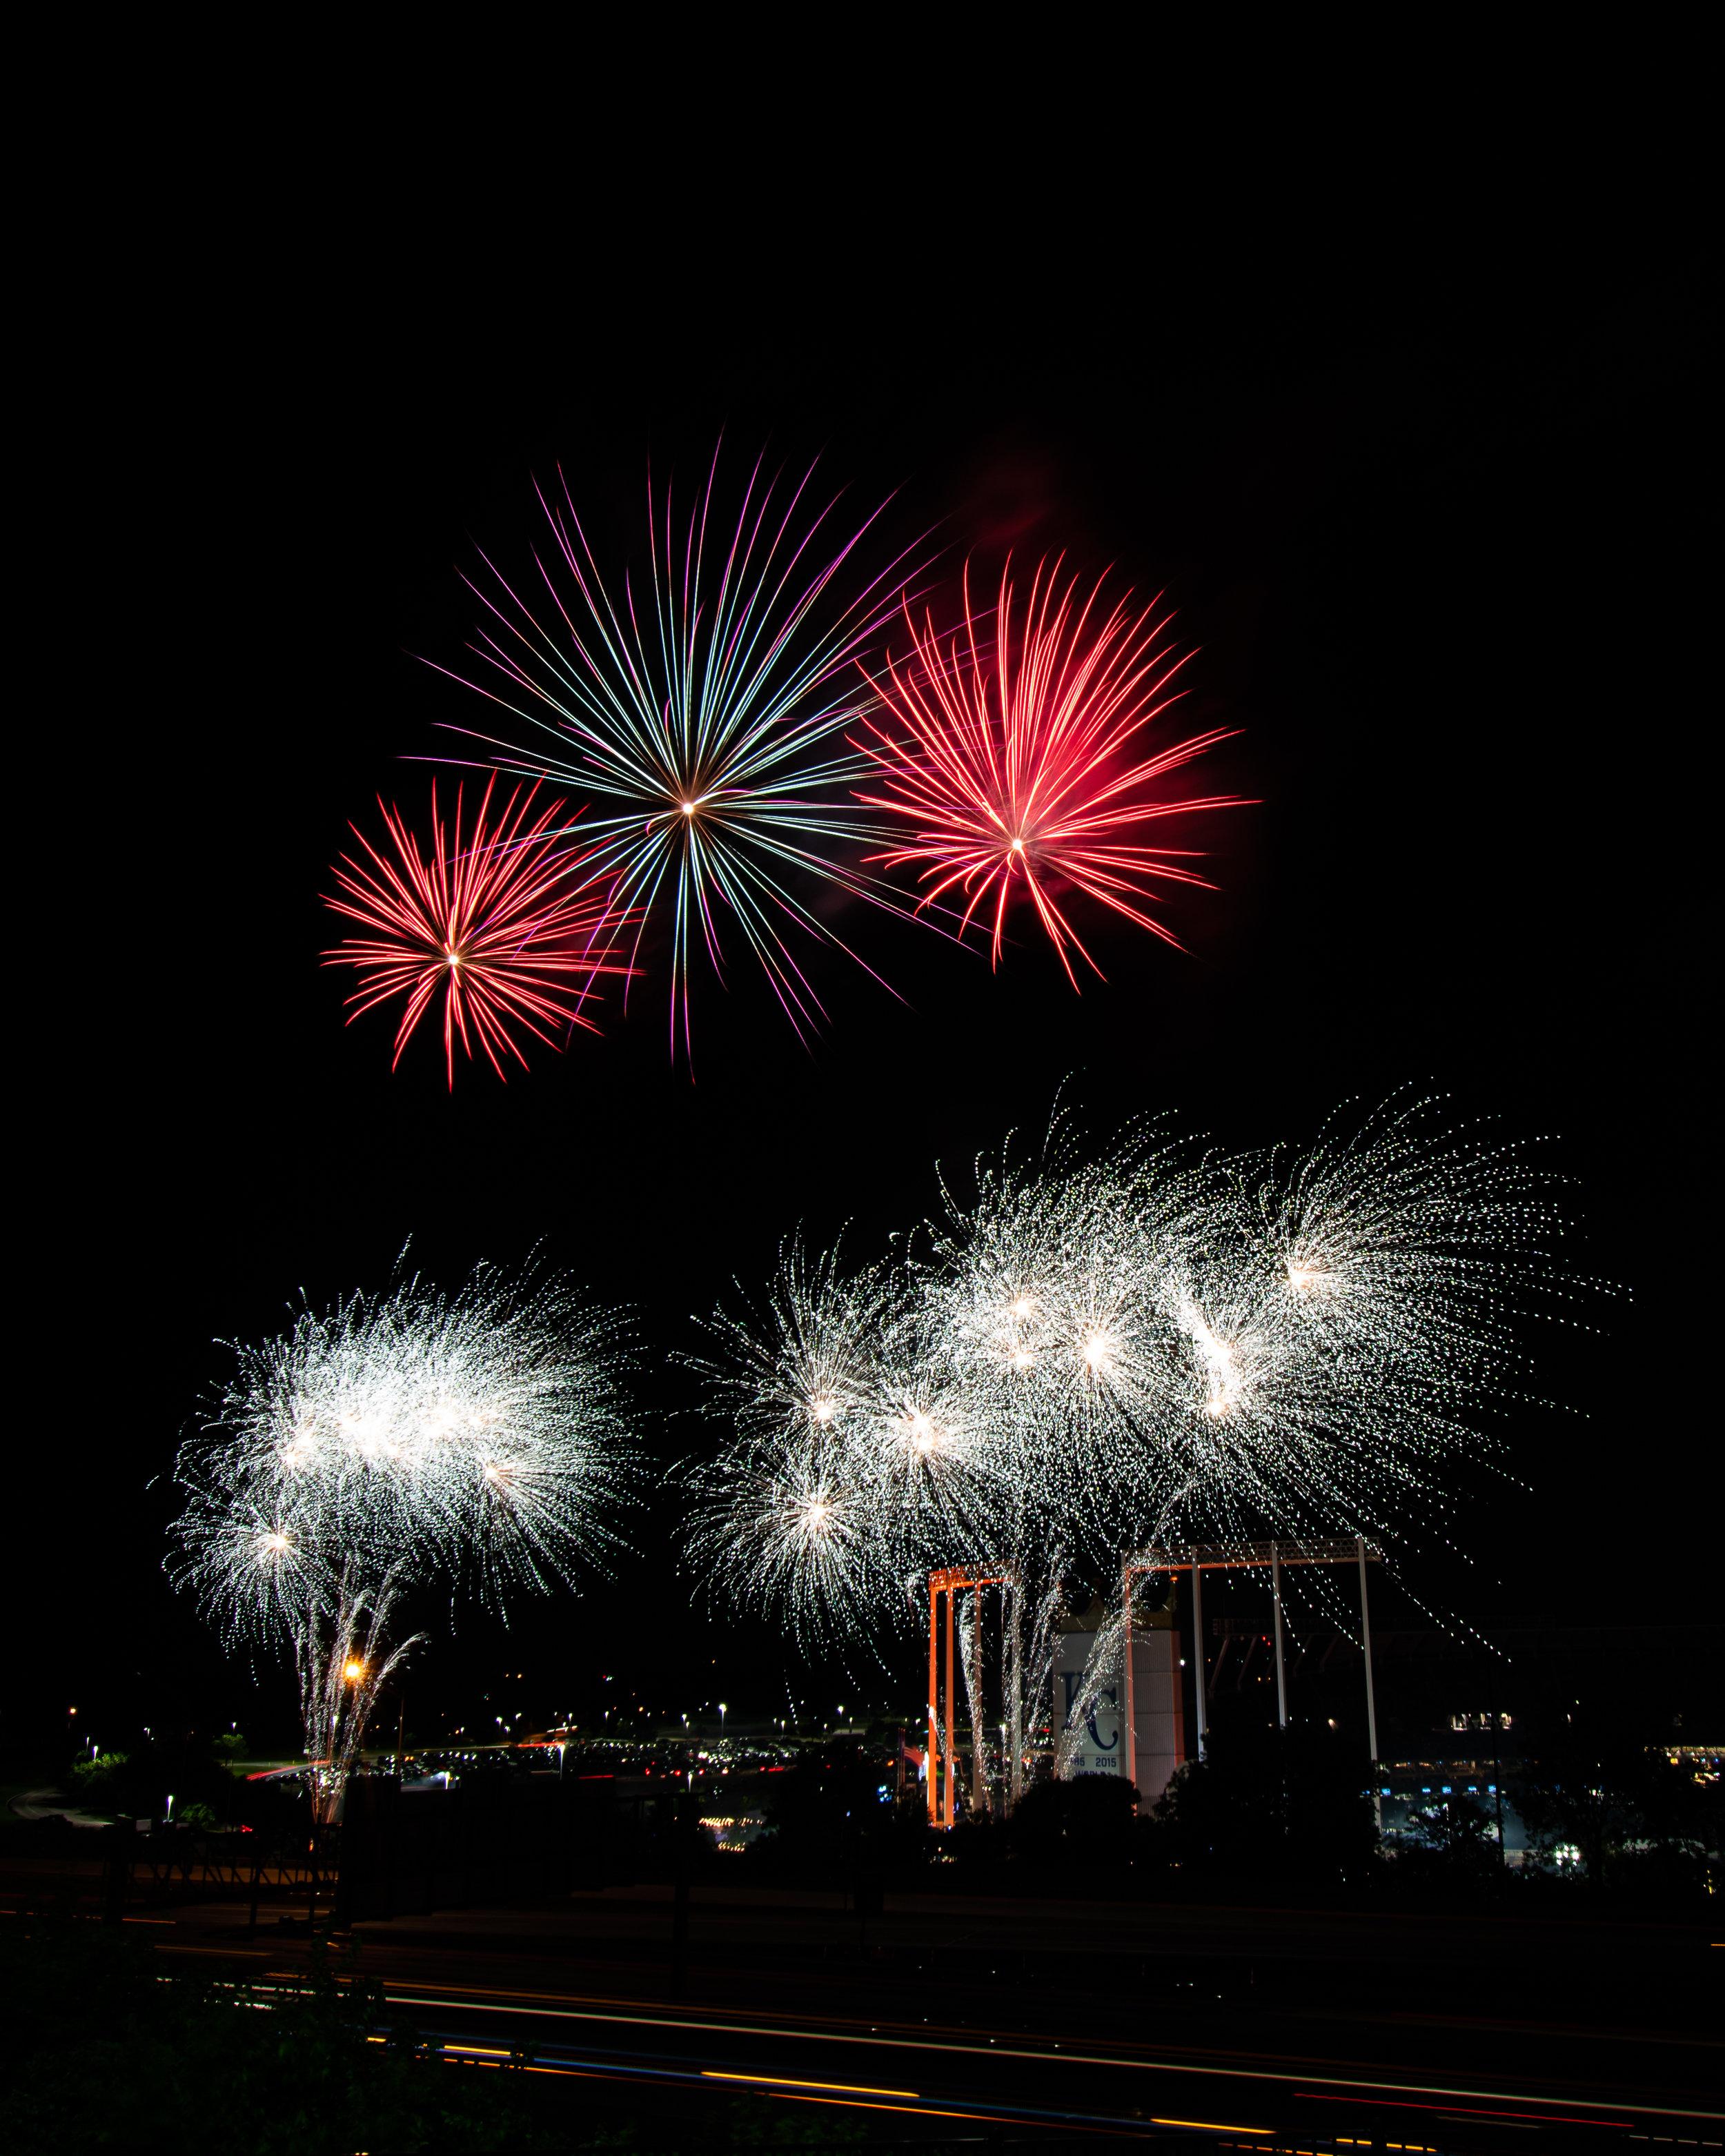 firework-friday-19-of-51_48108320223_o.jpg